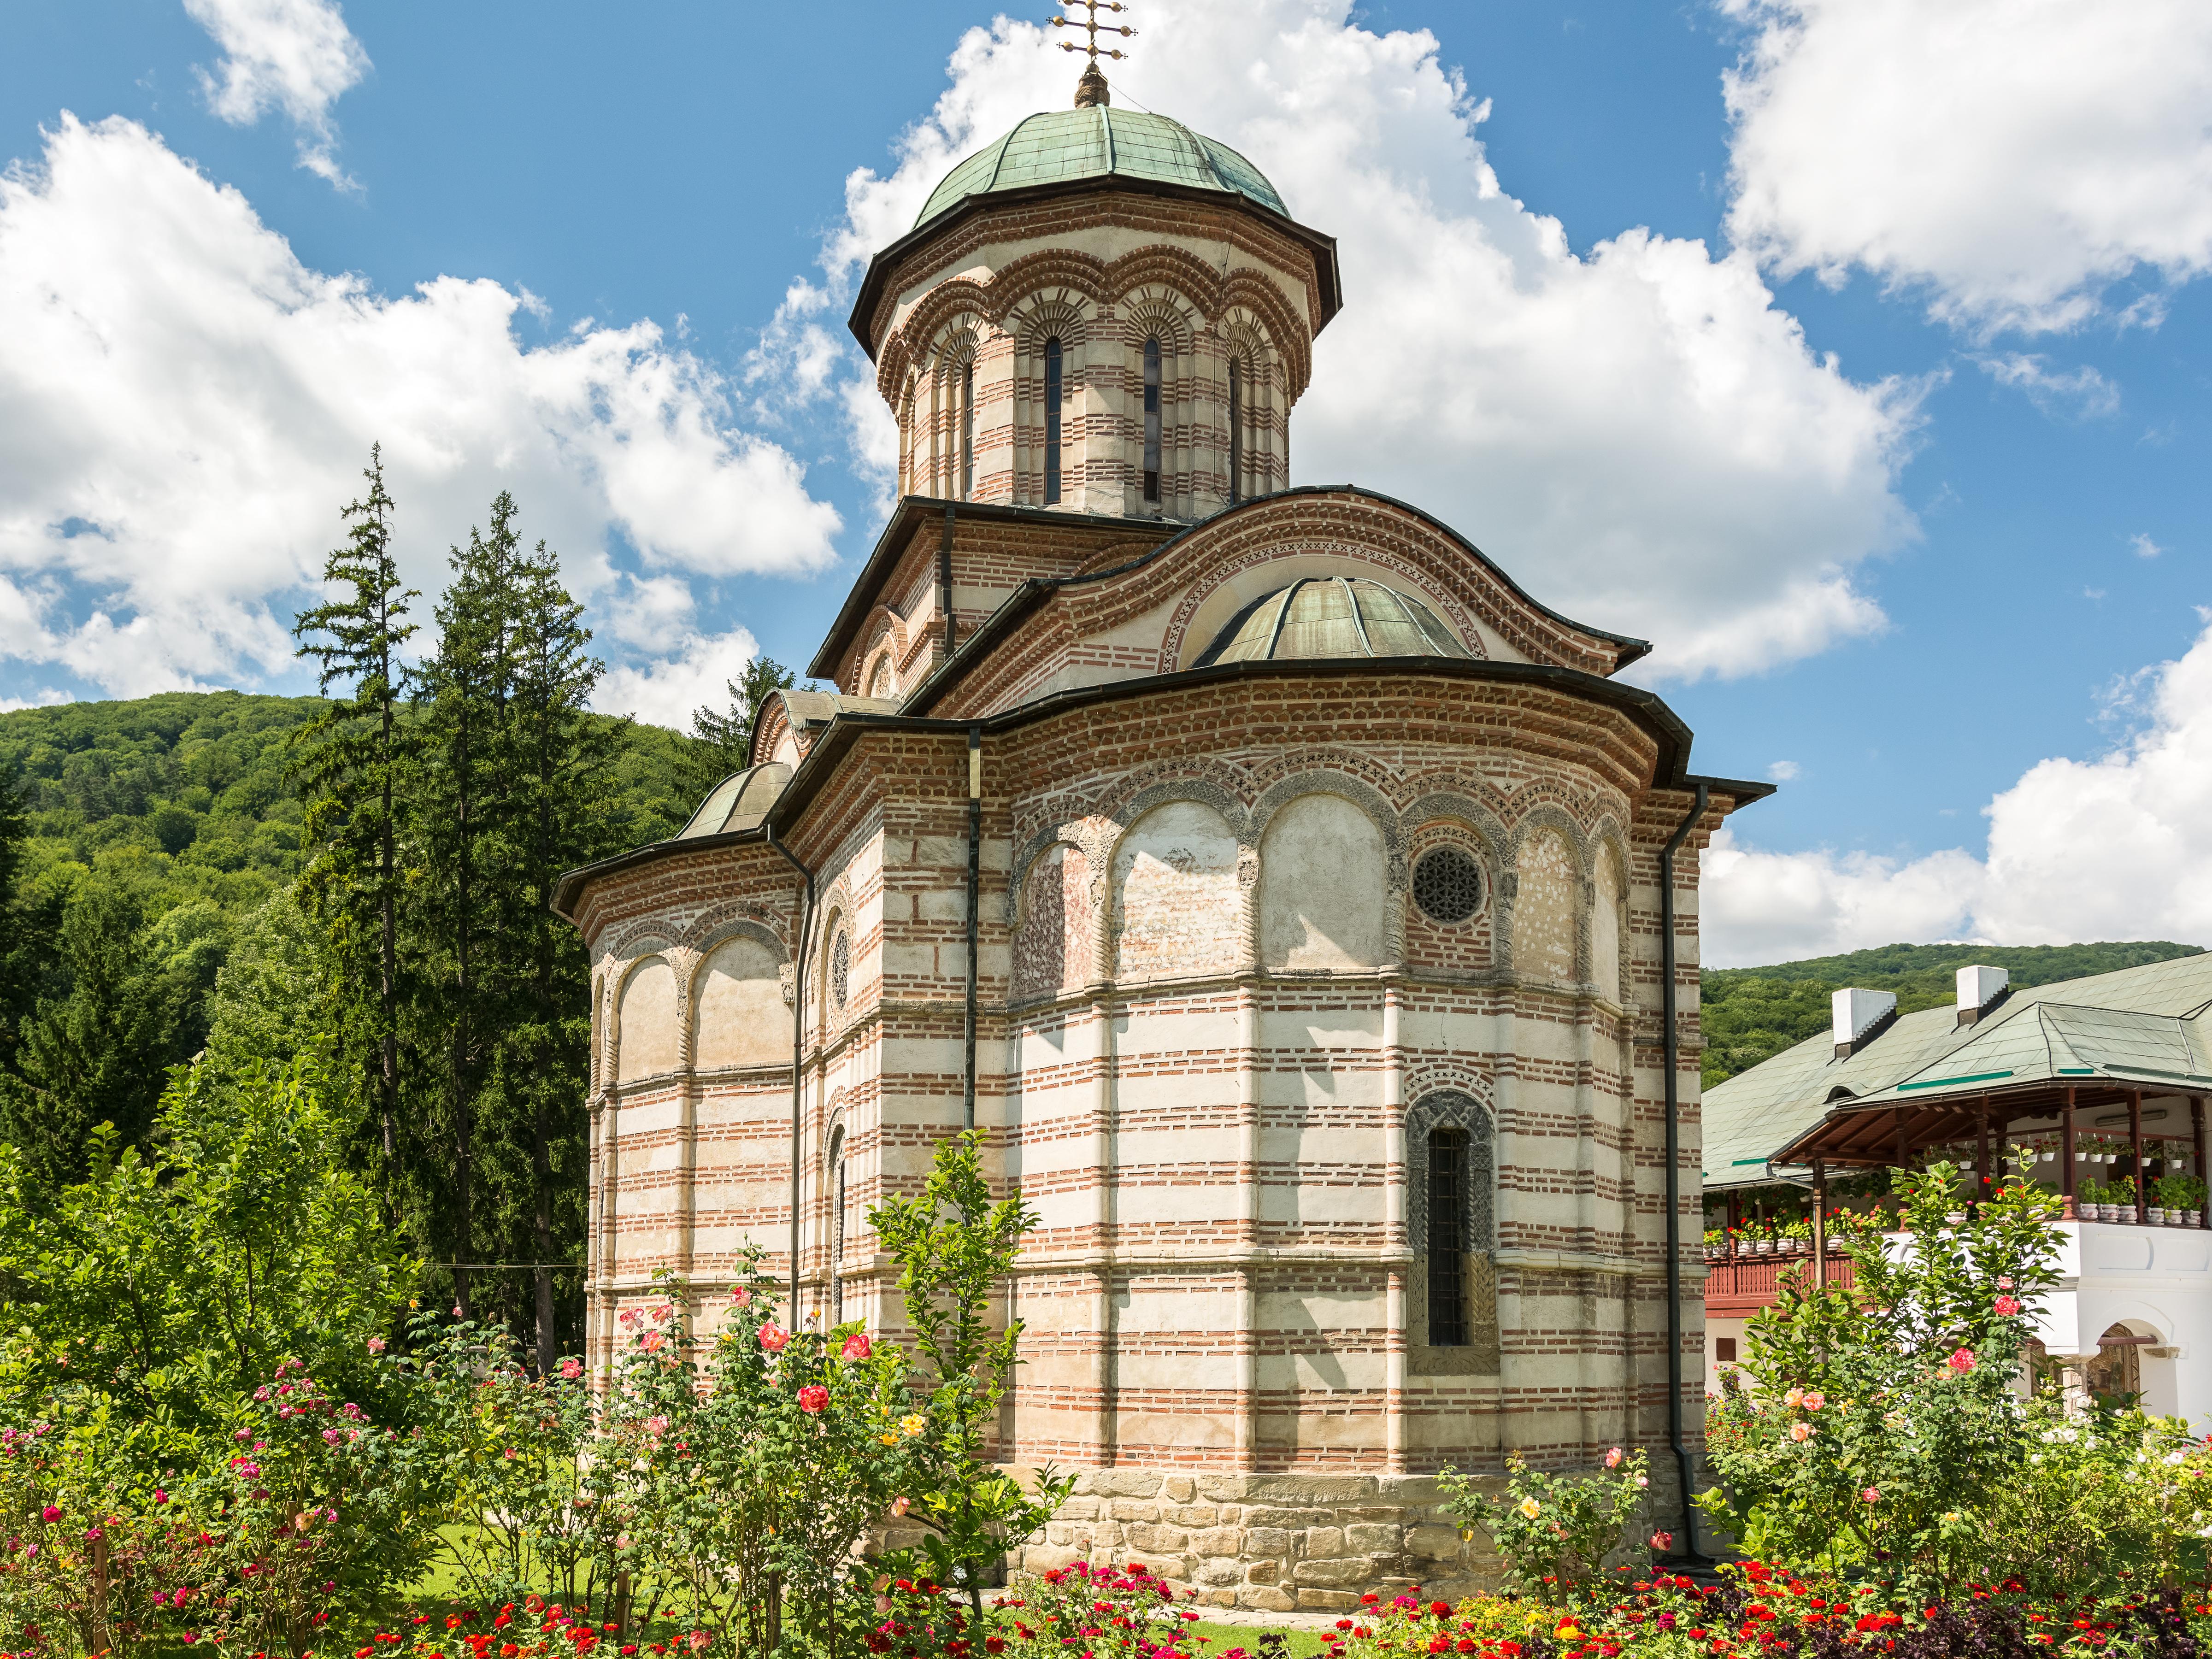 La ruta de los impresionantes monasterios bizantinos - Rumanía Circuito Rumanía, Bulgaria y Mar Negro